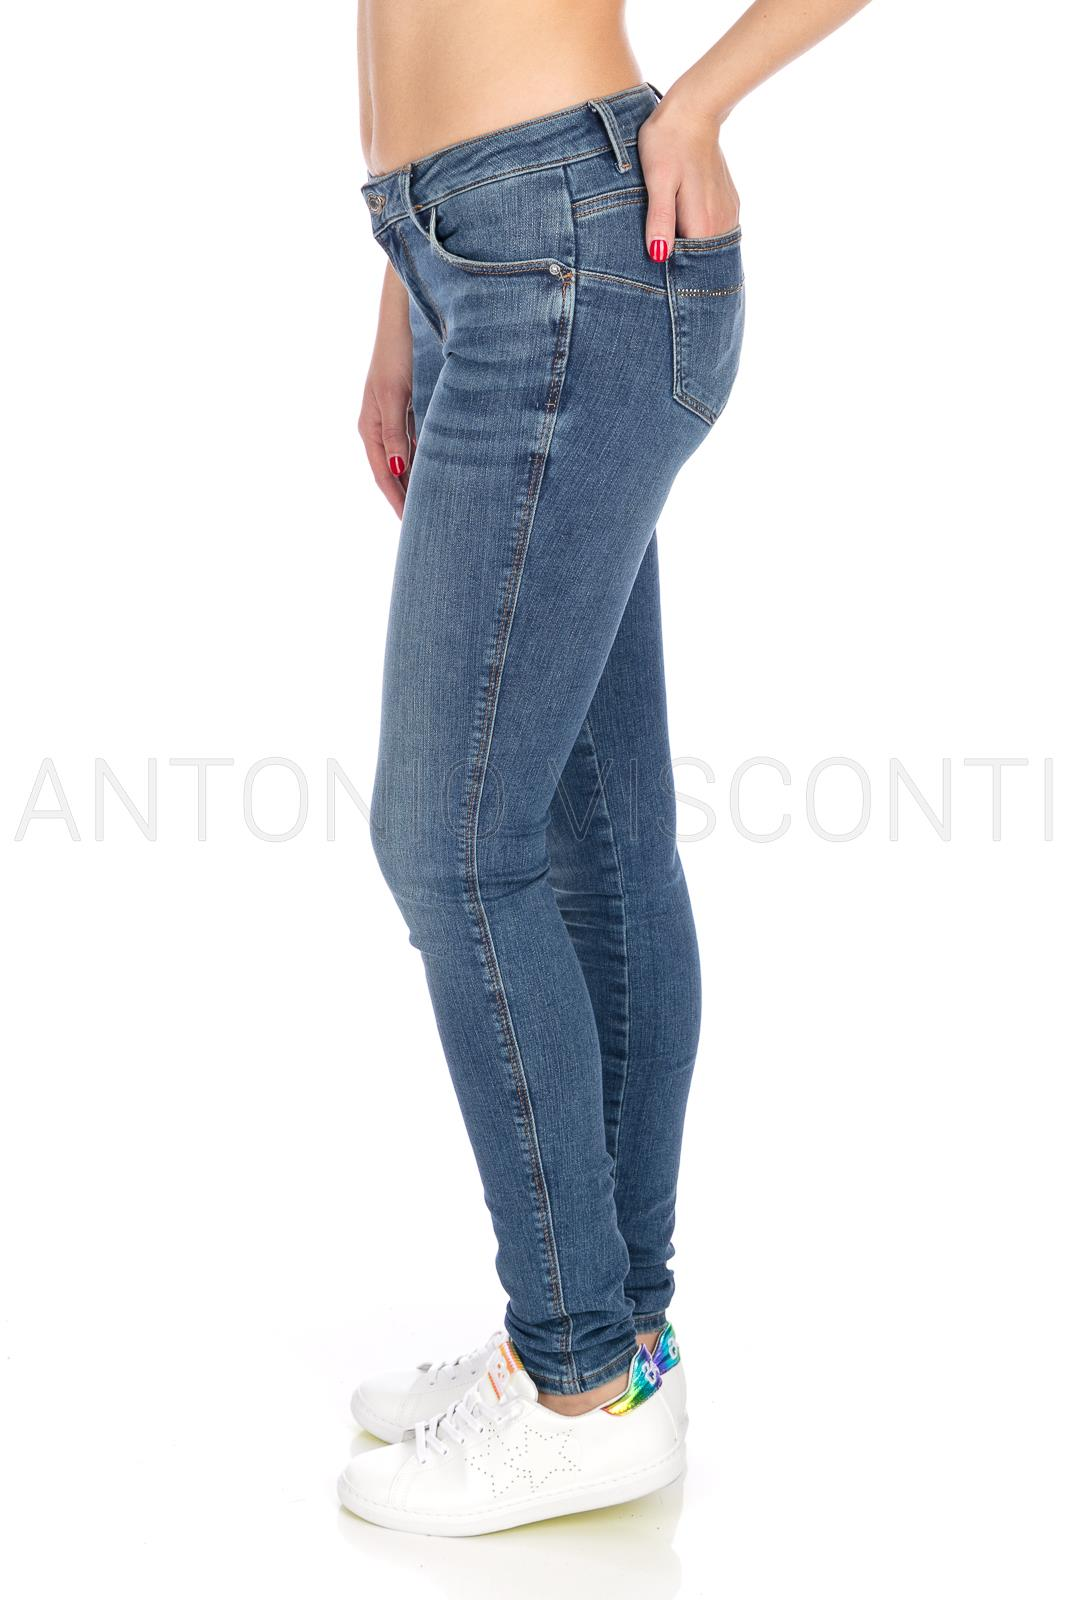 separation shoes f6c00 542e5 Guess Jeans Donna Jeans